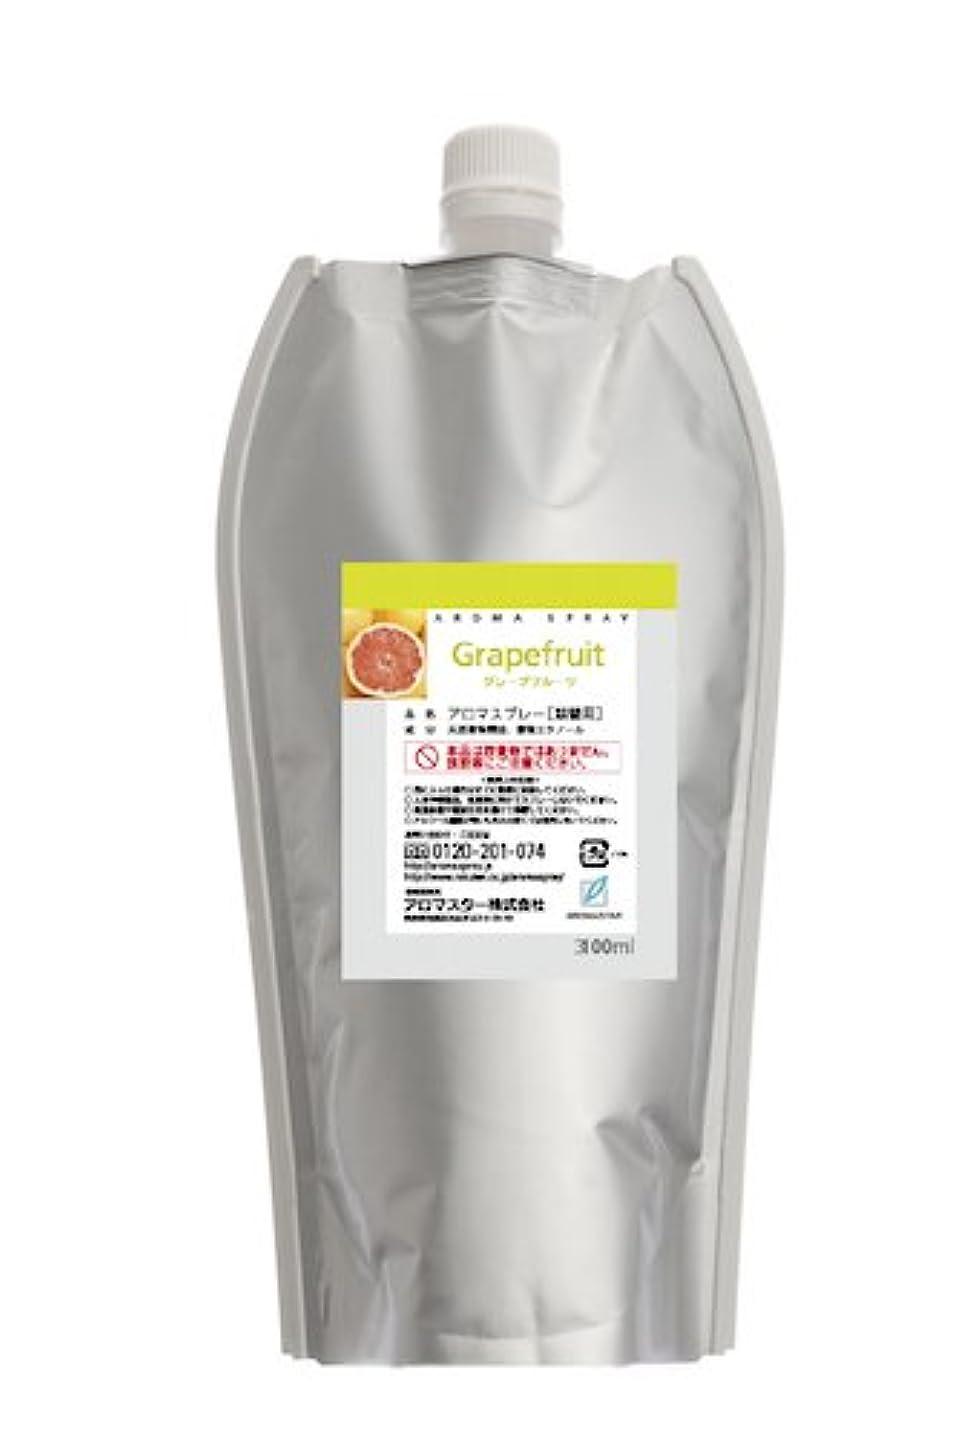 皮肉農夫チューブAROMASTAR(アロマスター) アロマスプレー グレープフルーツ 300ml詰替用(エコパック)